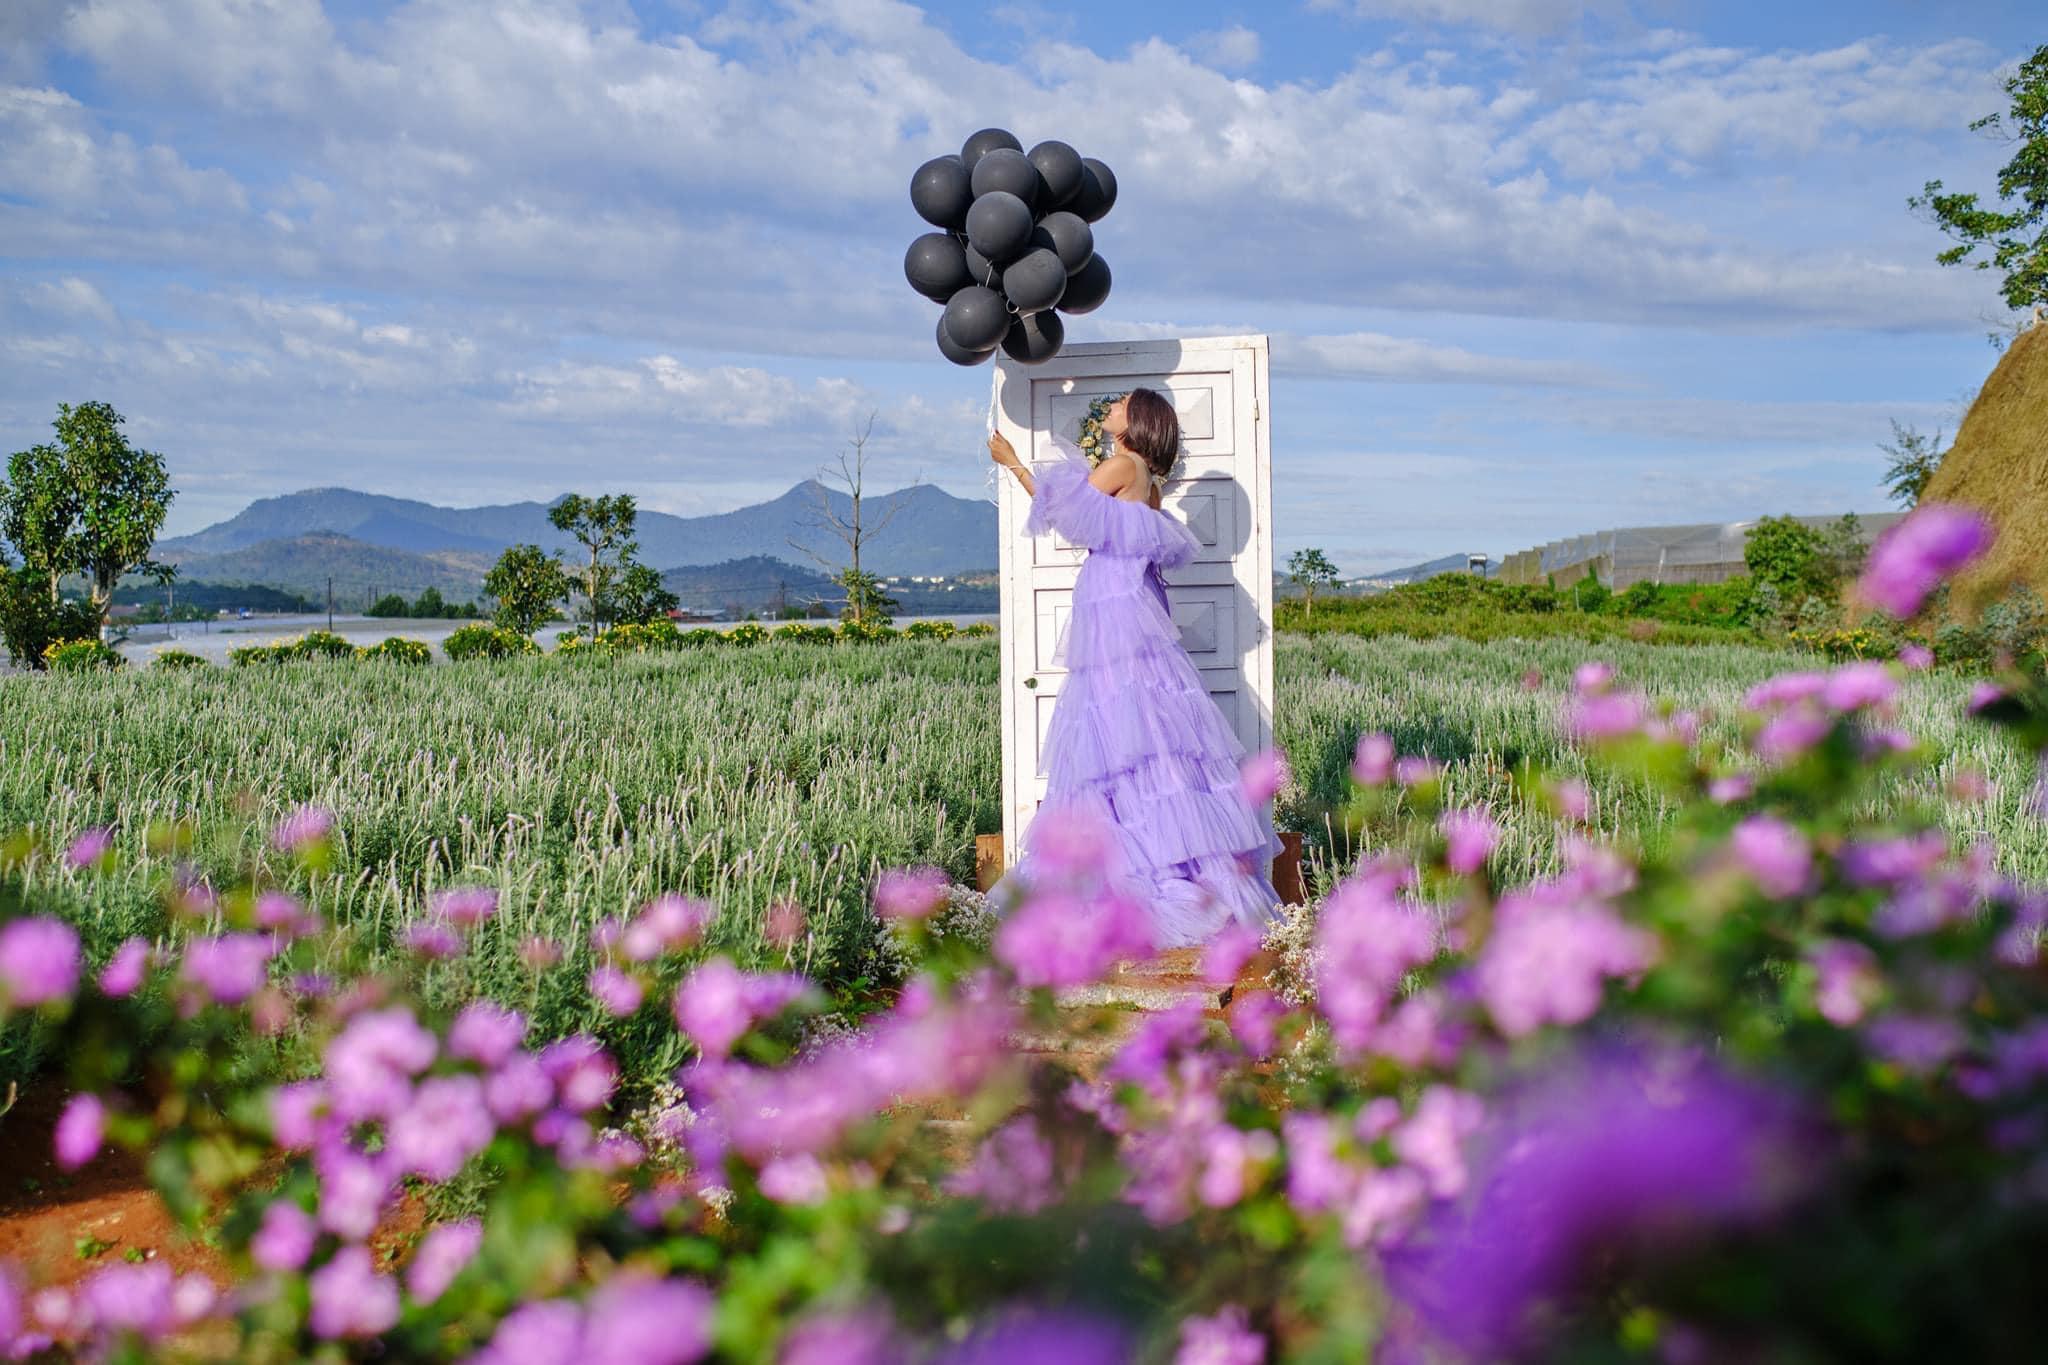 Check-in Vườn hoa lavender Túi Thương Nhớ, điểm đến 'mới toanh' tại Đà Lạt  - Ảnh 11.